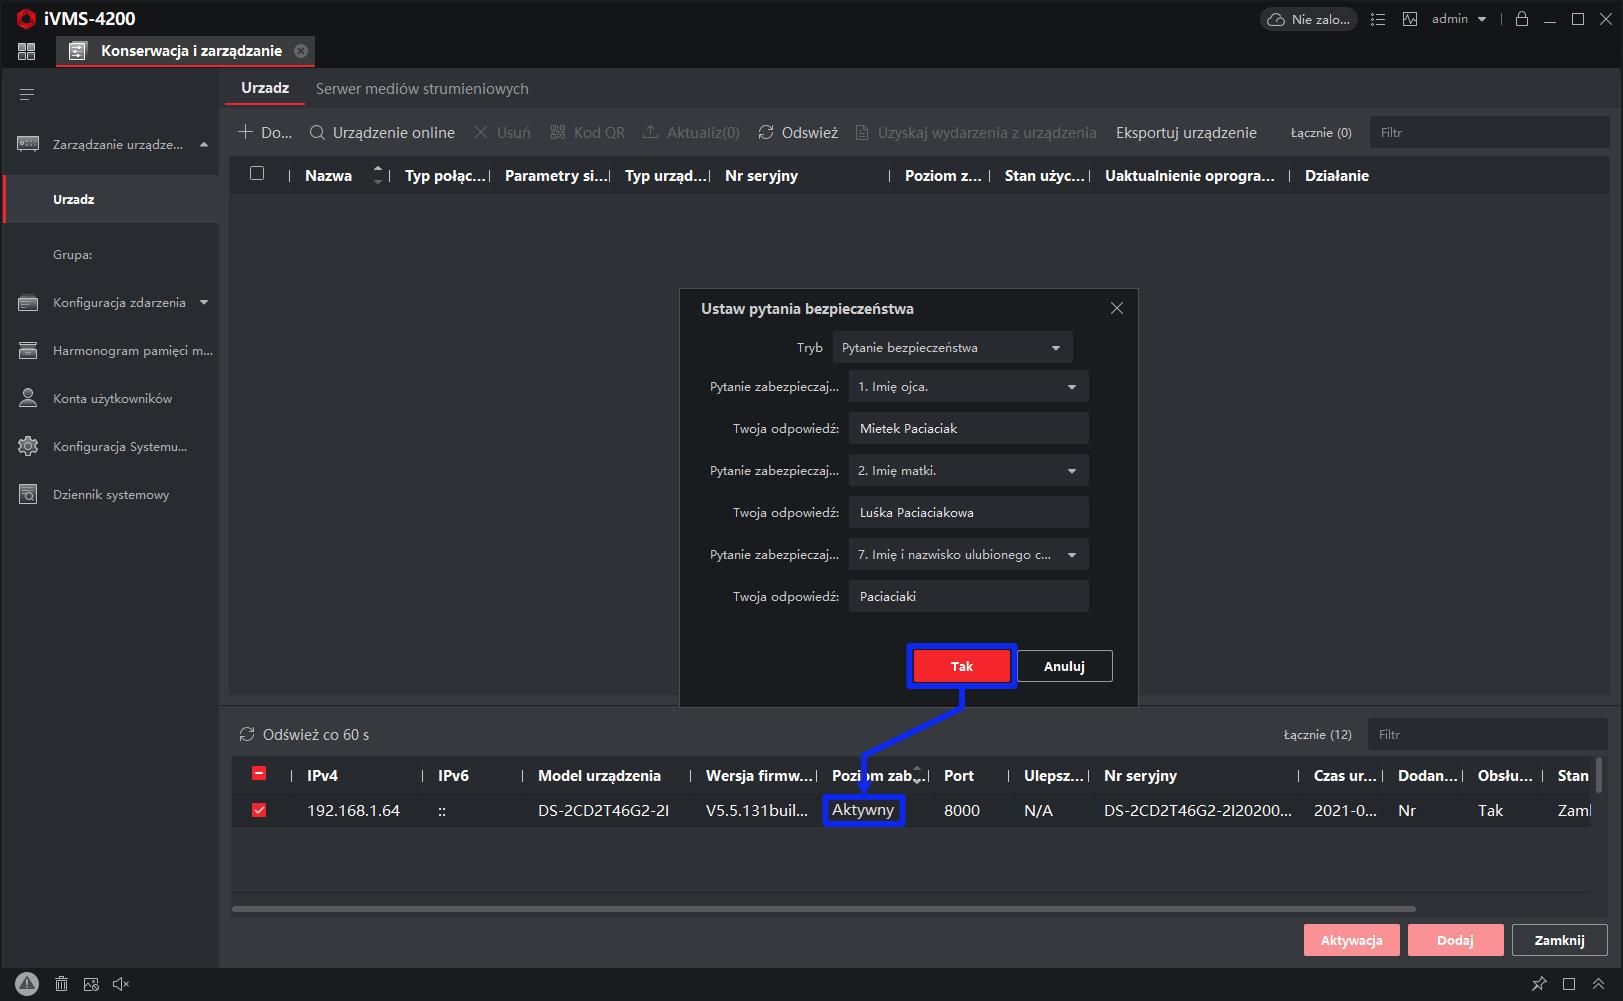 hik-connect - ivms-4200 - zarządzanie urządzeniem - sposoby odzyskiwania hasła